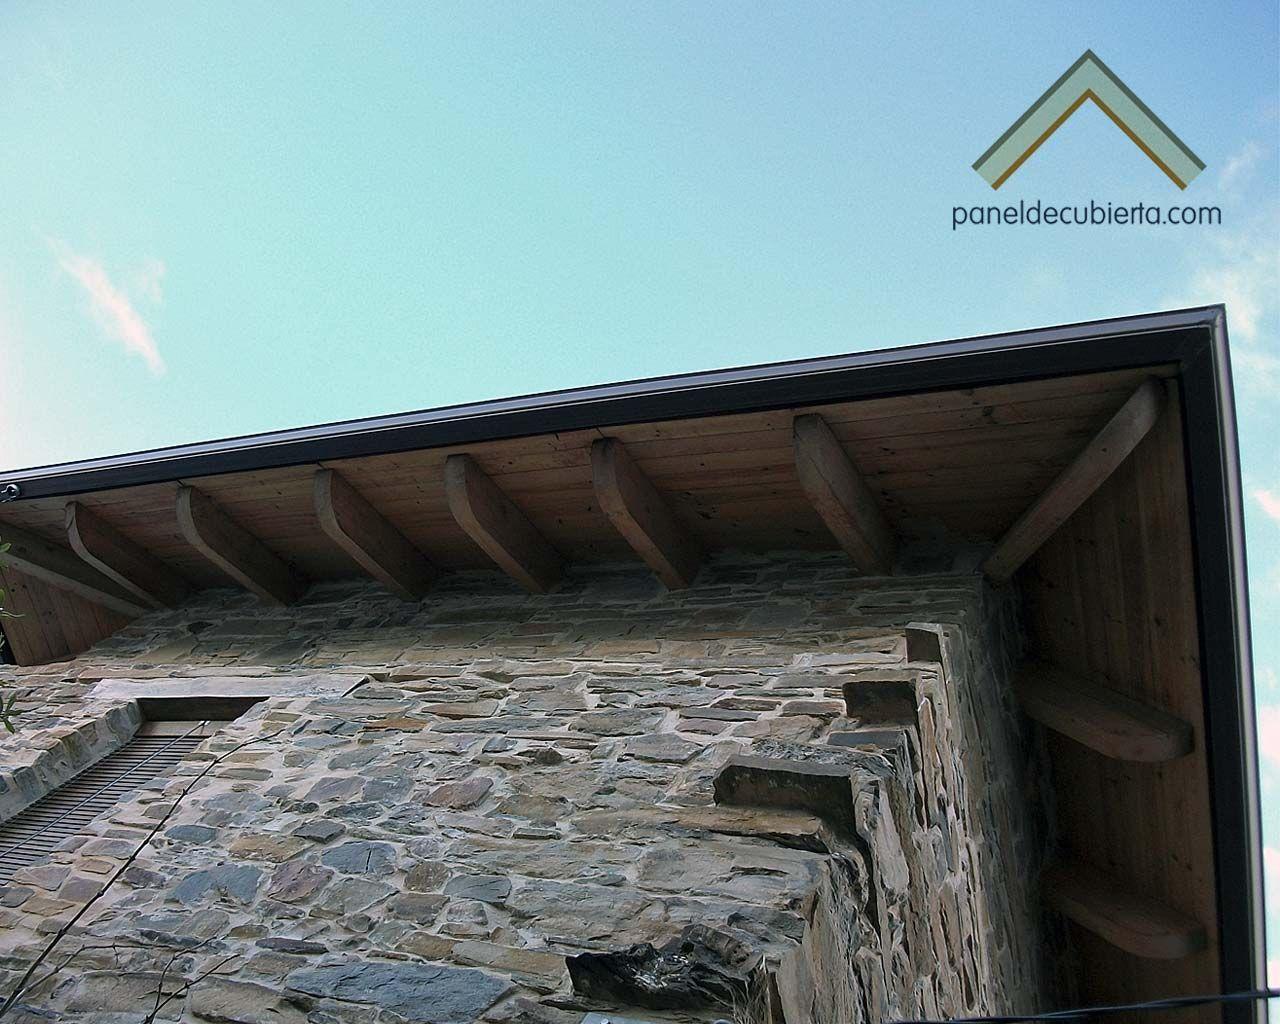 Foto de aleros de panel de madera con n cleo aislante para for Aislante para tejados